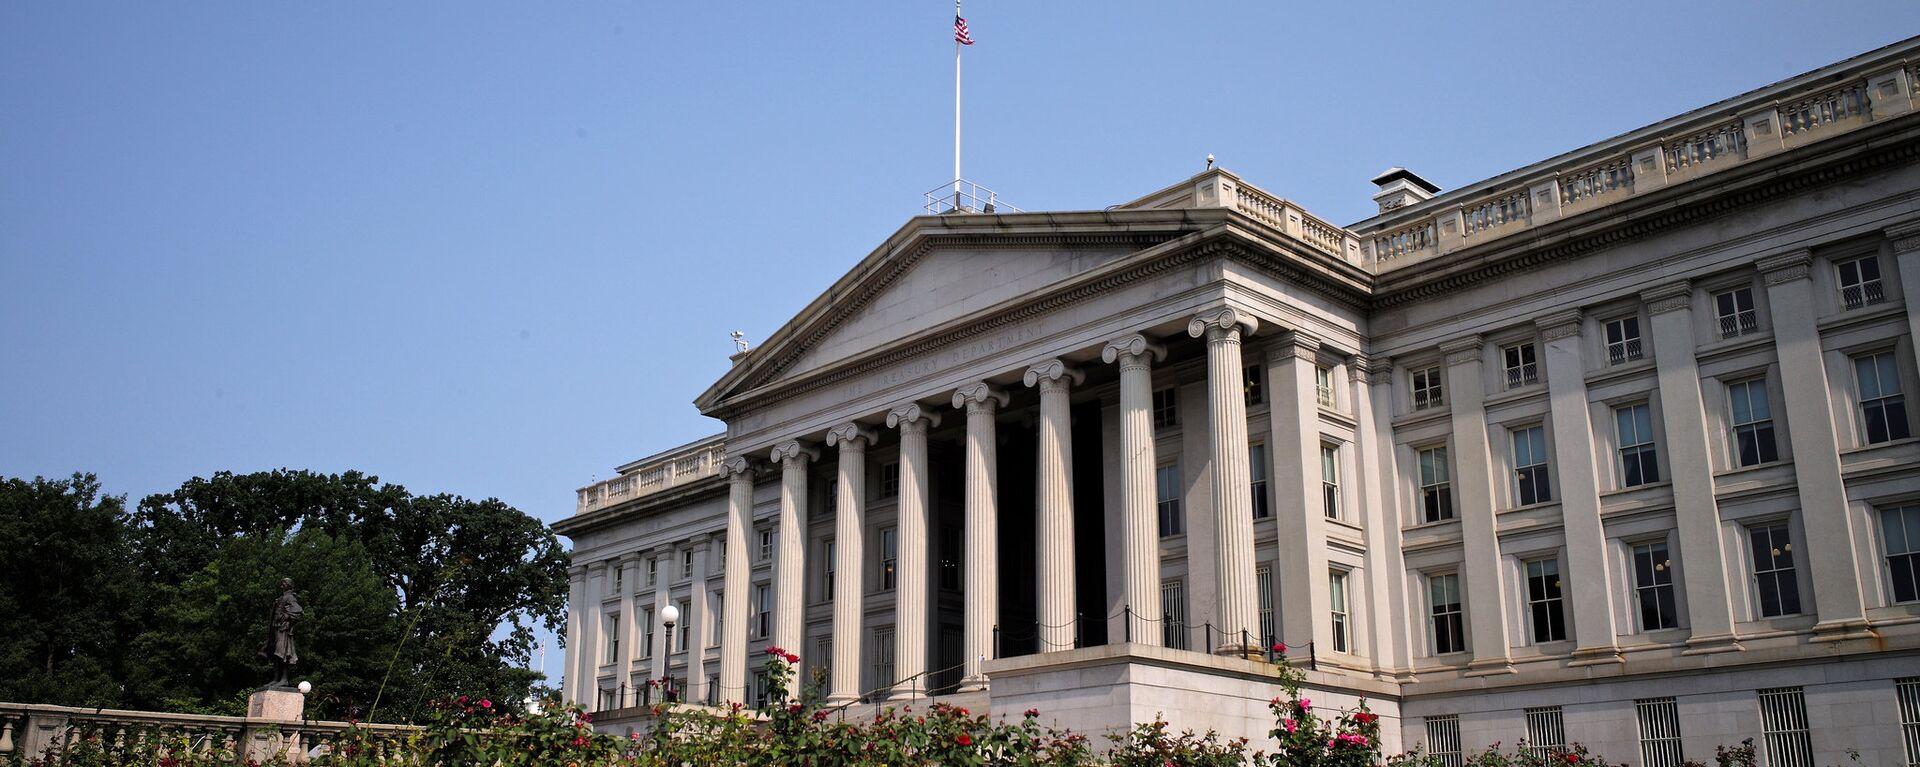 Il Dipartimento del Tesoro USA - Sputnik Italia, 1920, 02.04.2021